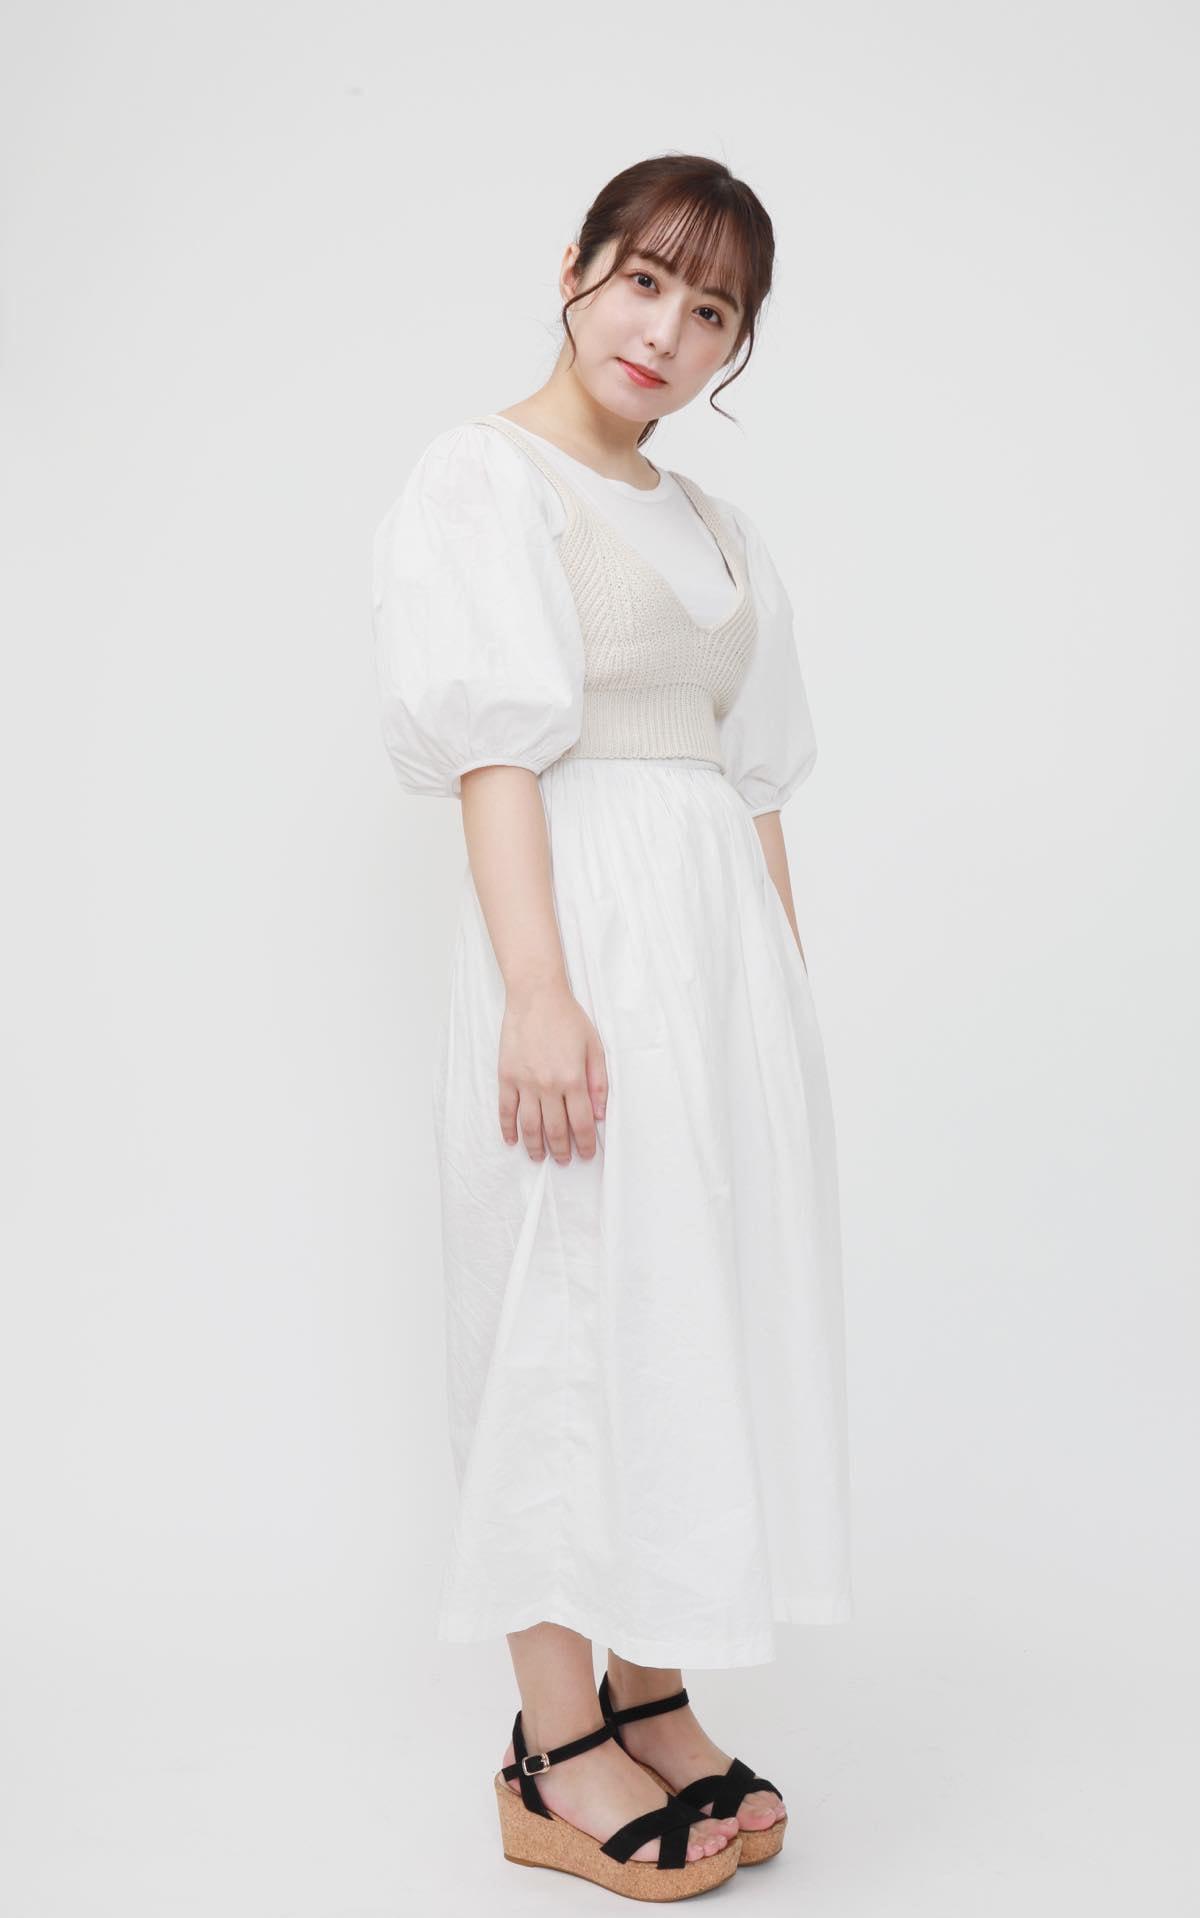 現役アイドル前田美里「『僕たちの嘘と真実』を観て、今まで欅坂46を応援してきて良かったなって思いました」【写真40枚】「坂道が好きだ!」第49回の画像004